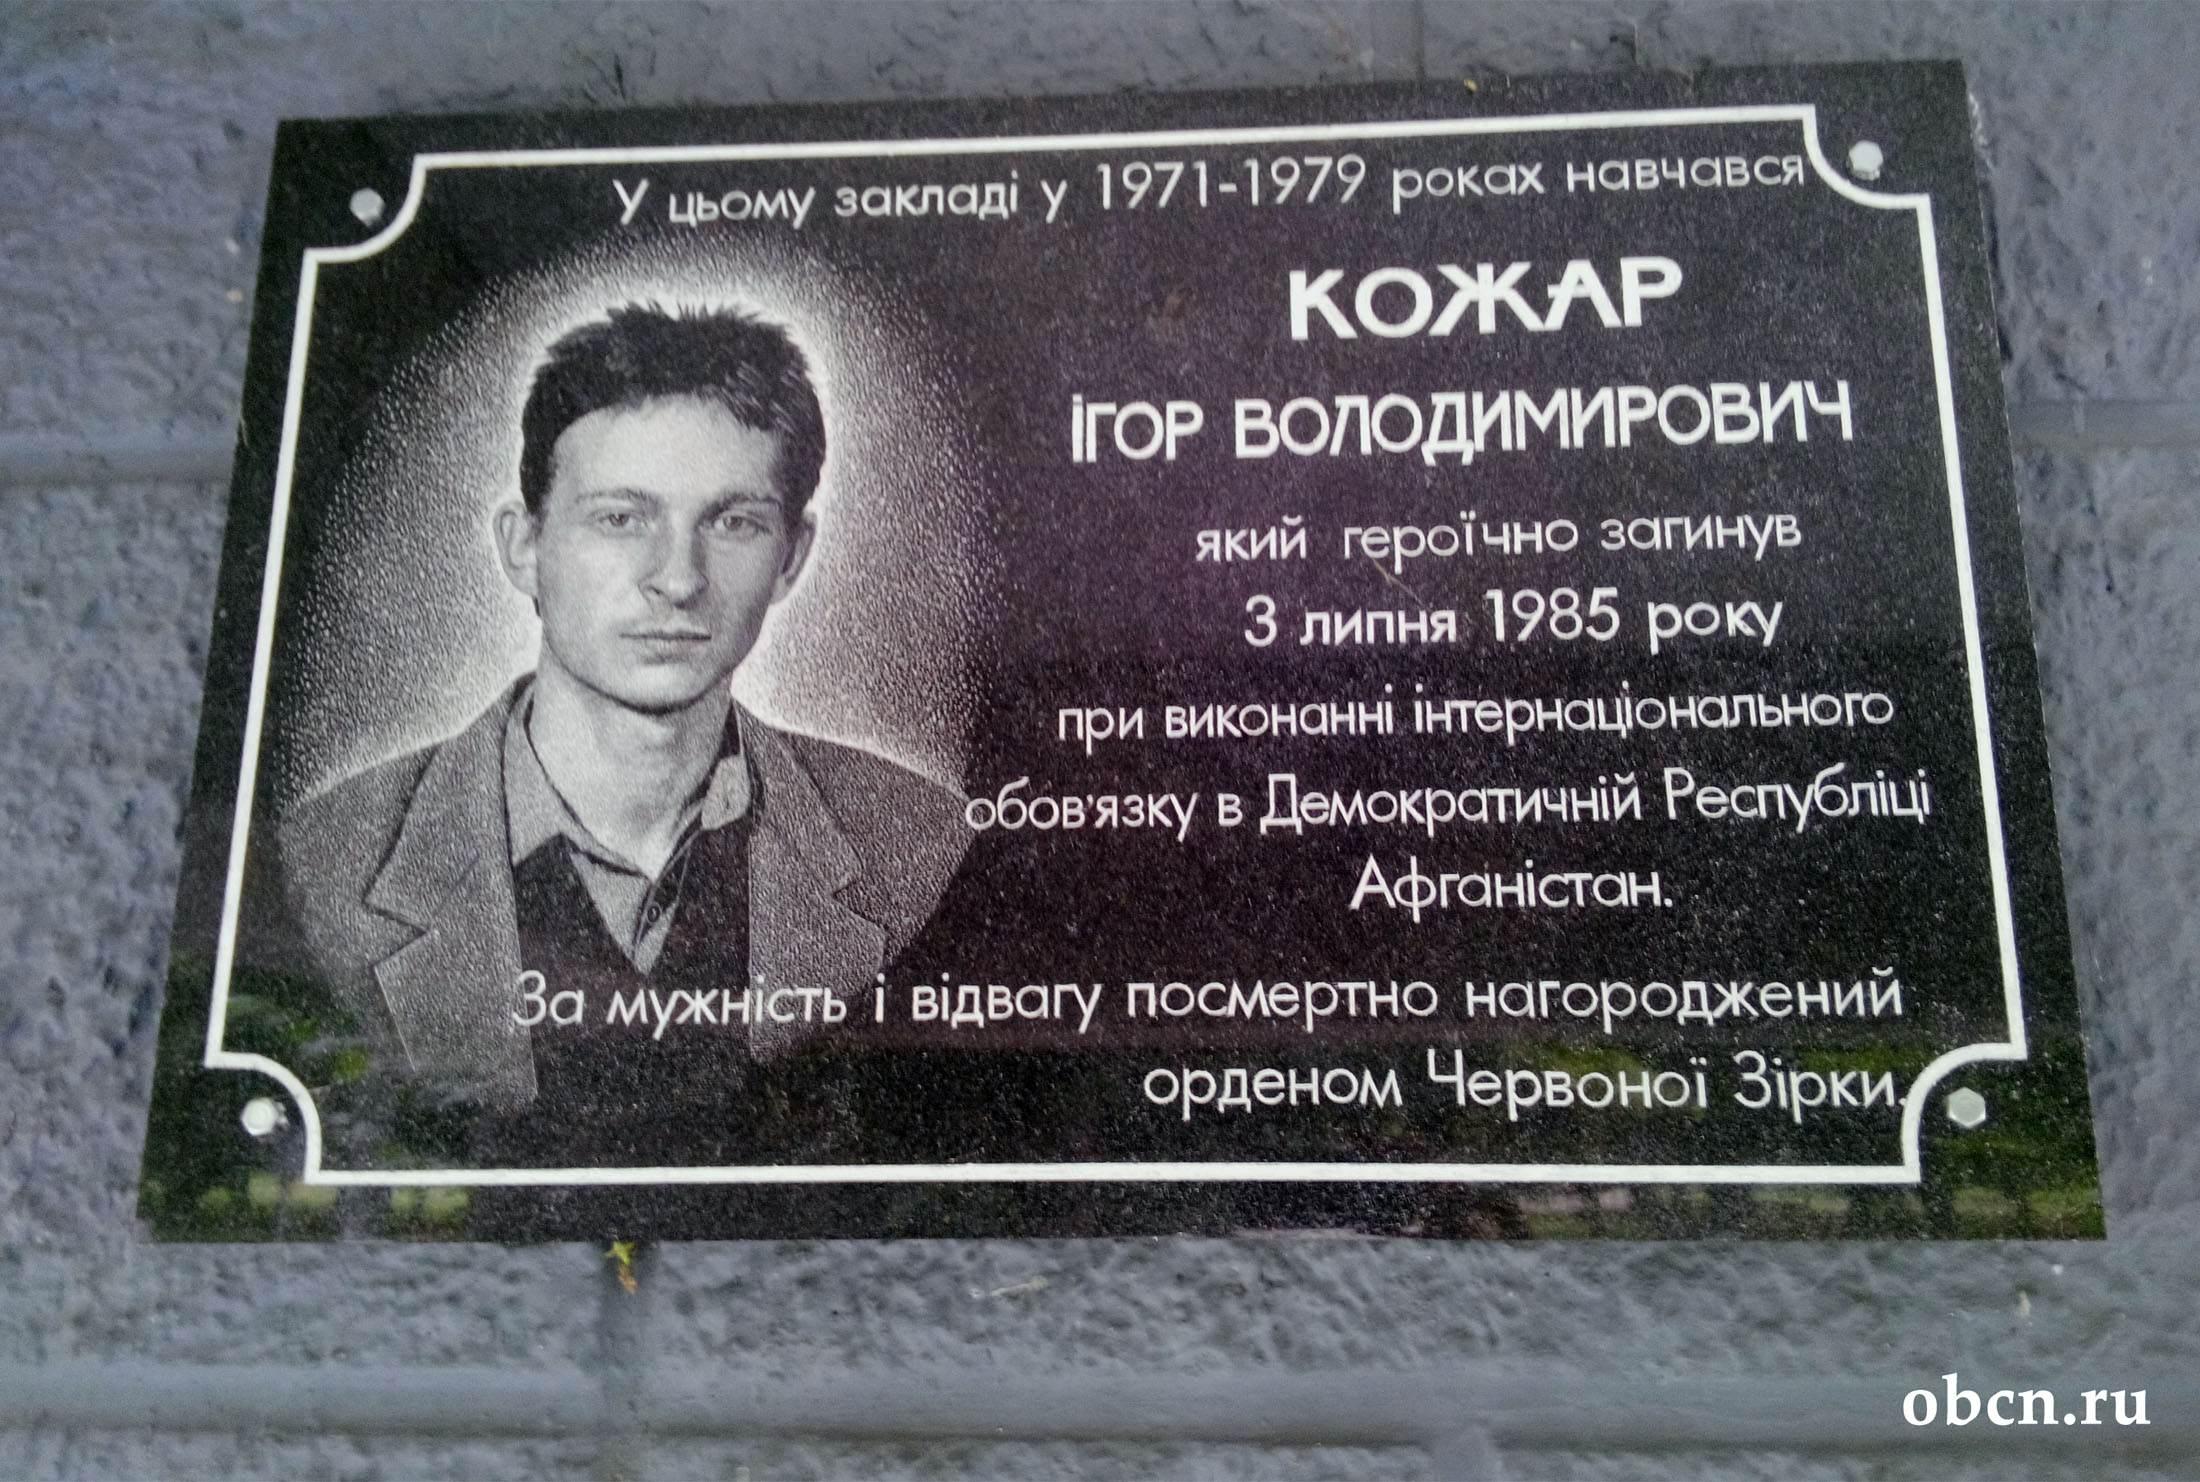 Кожар Игорь Владимирович